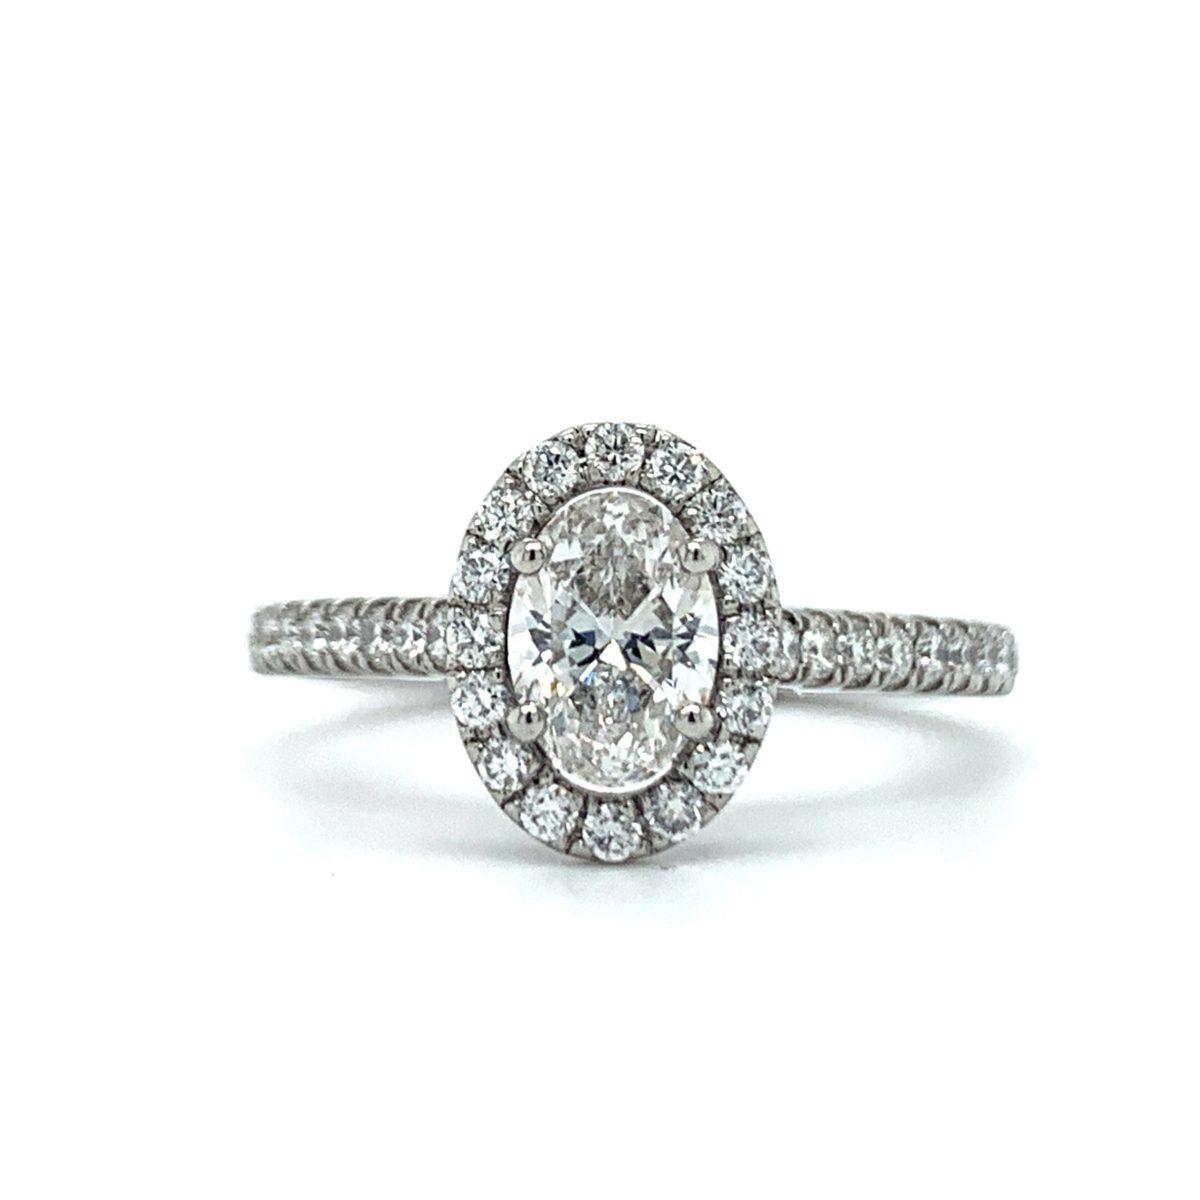 Alise Oval Halo Diamond Engagement Ring